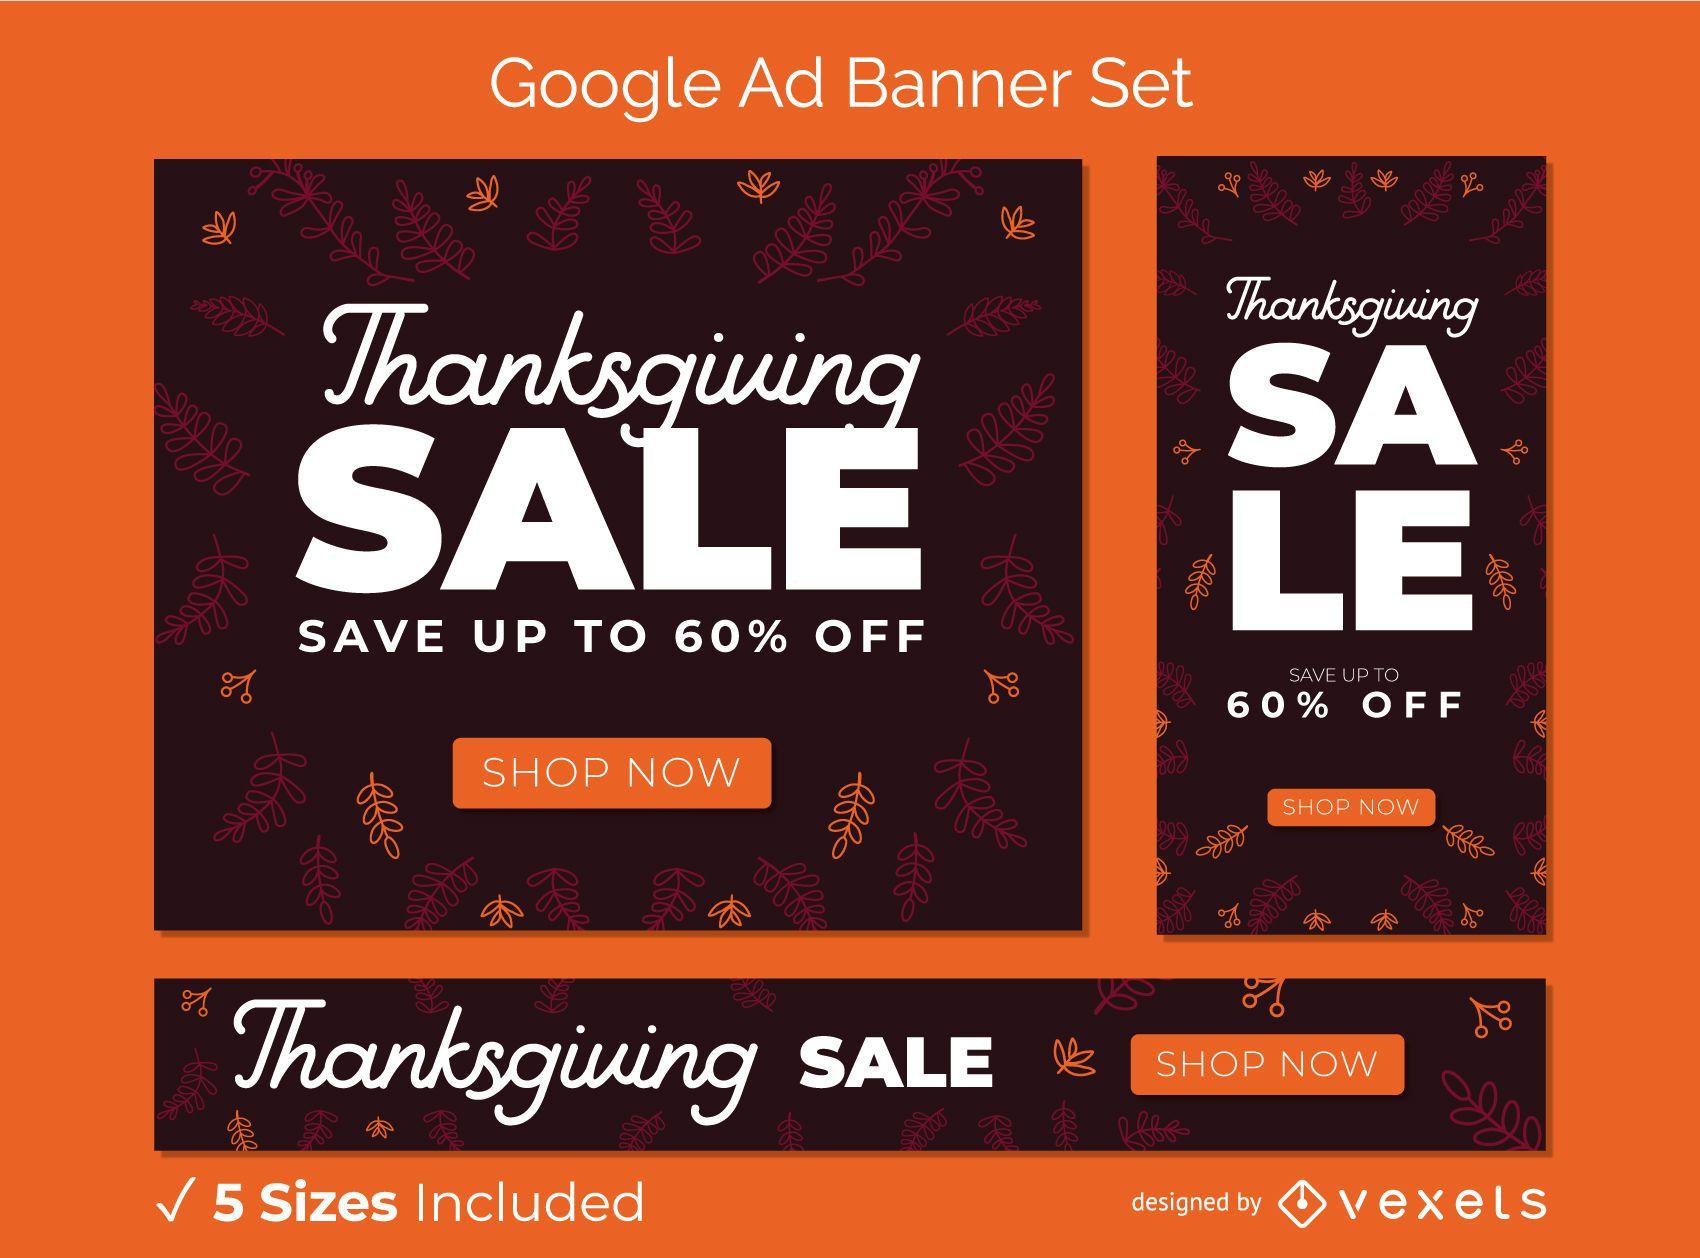 Conjunto de banner de anuncios de Google de venta de acción de gracias